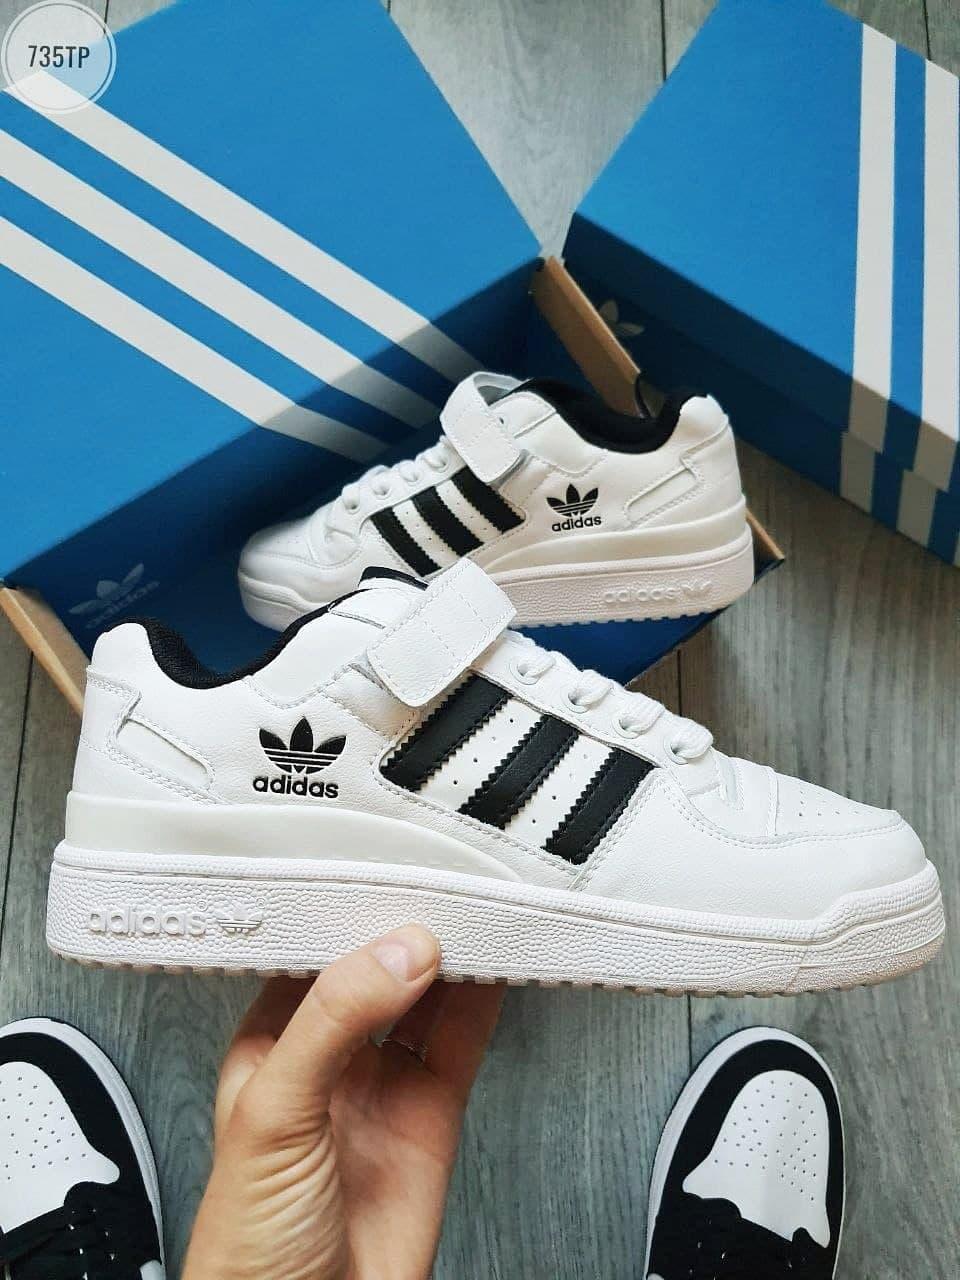 Чоловічі кросівки Adidas forum mid White/Black (біло-чорні) 735TP стильні демісезонні кроси на весну